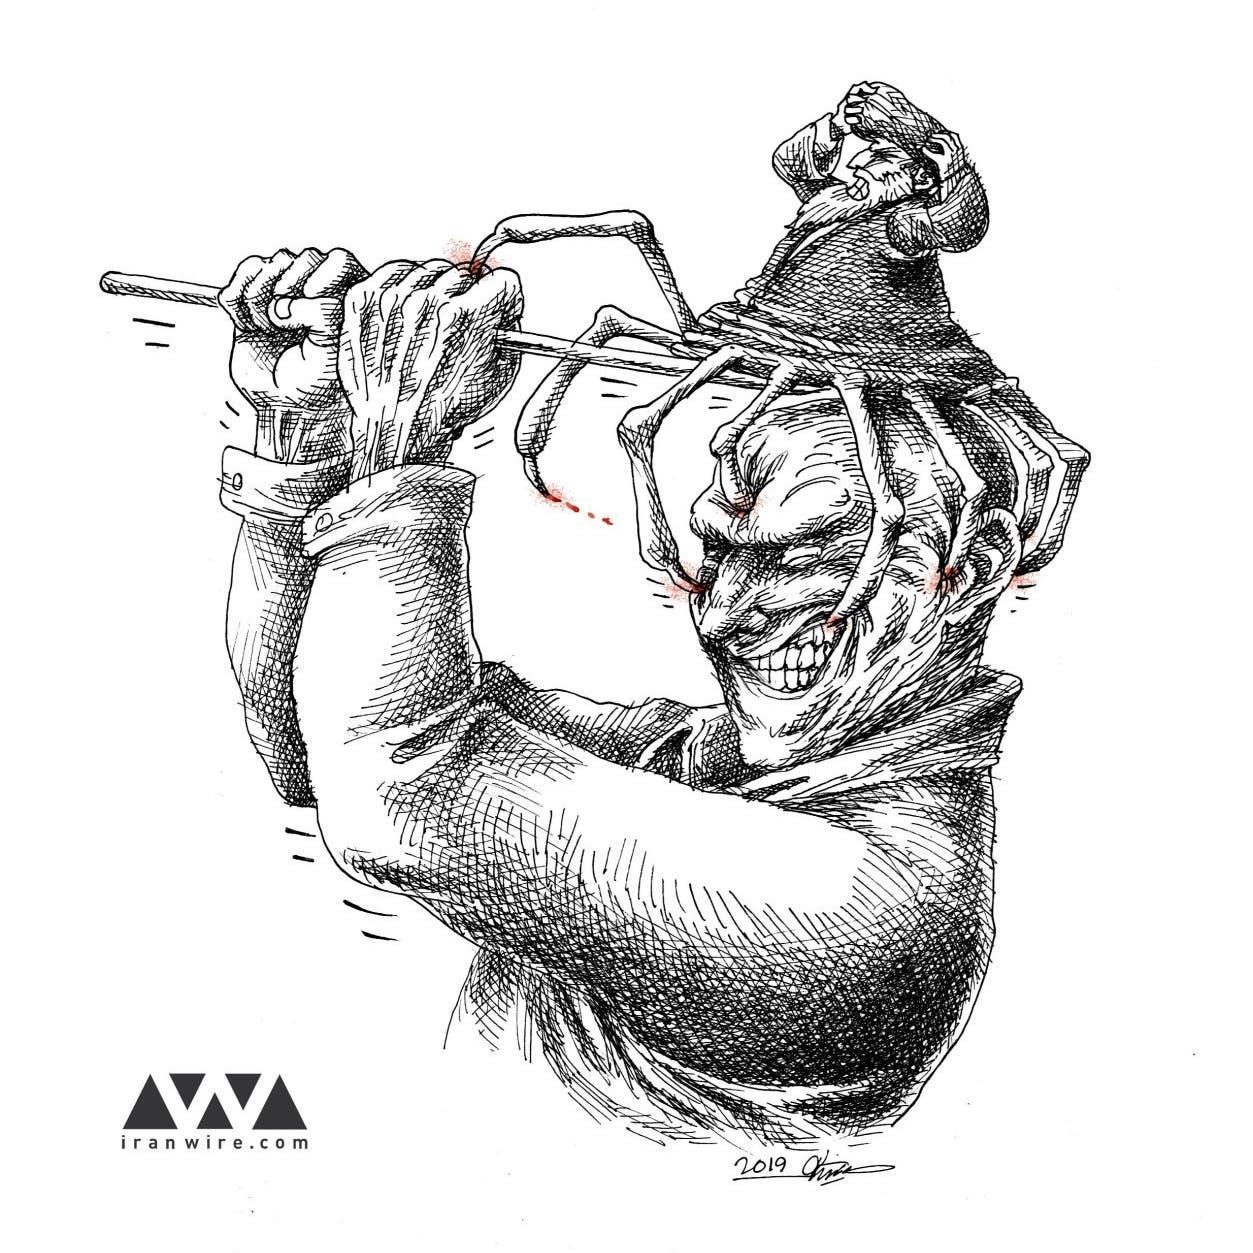 خامنئي تحت سهام رسامي الكاريكاتير الإيرانيين